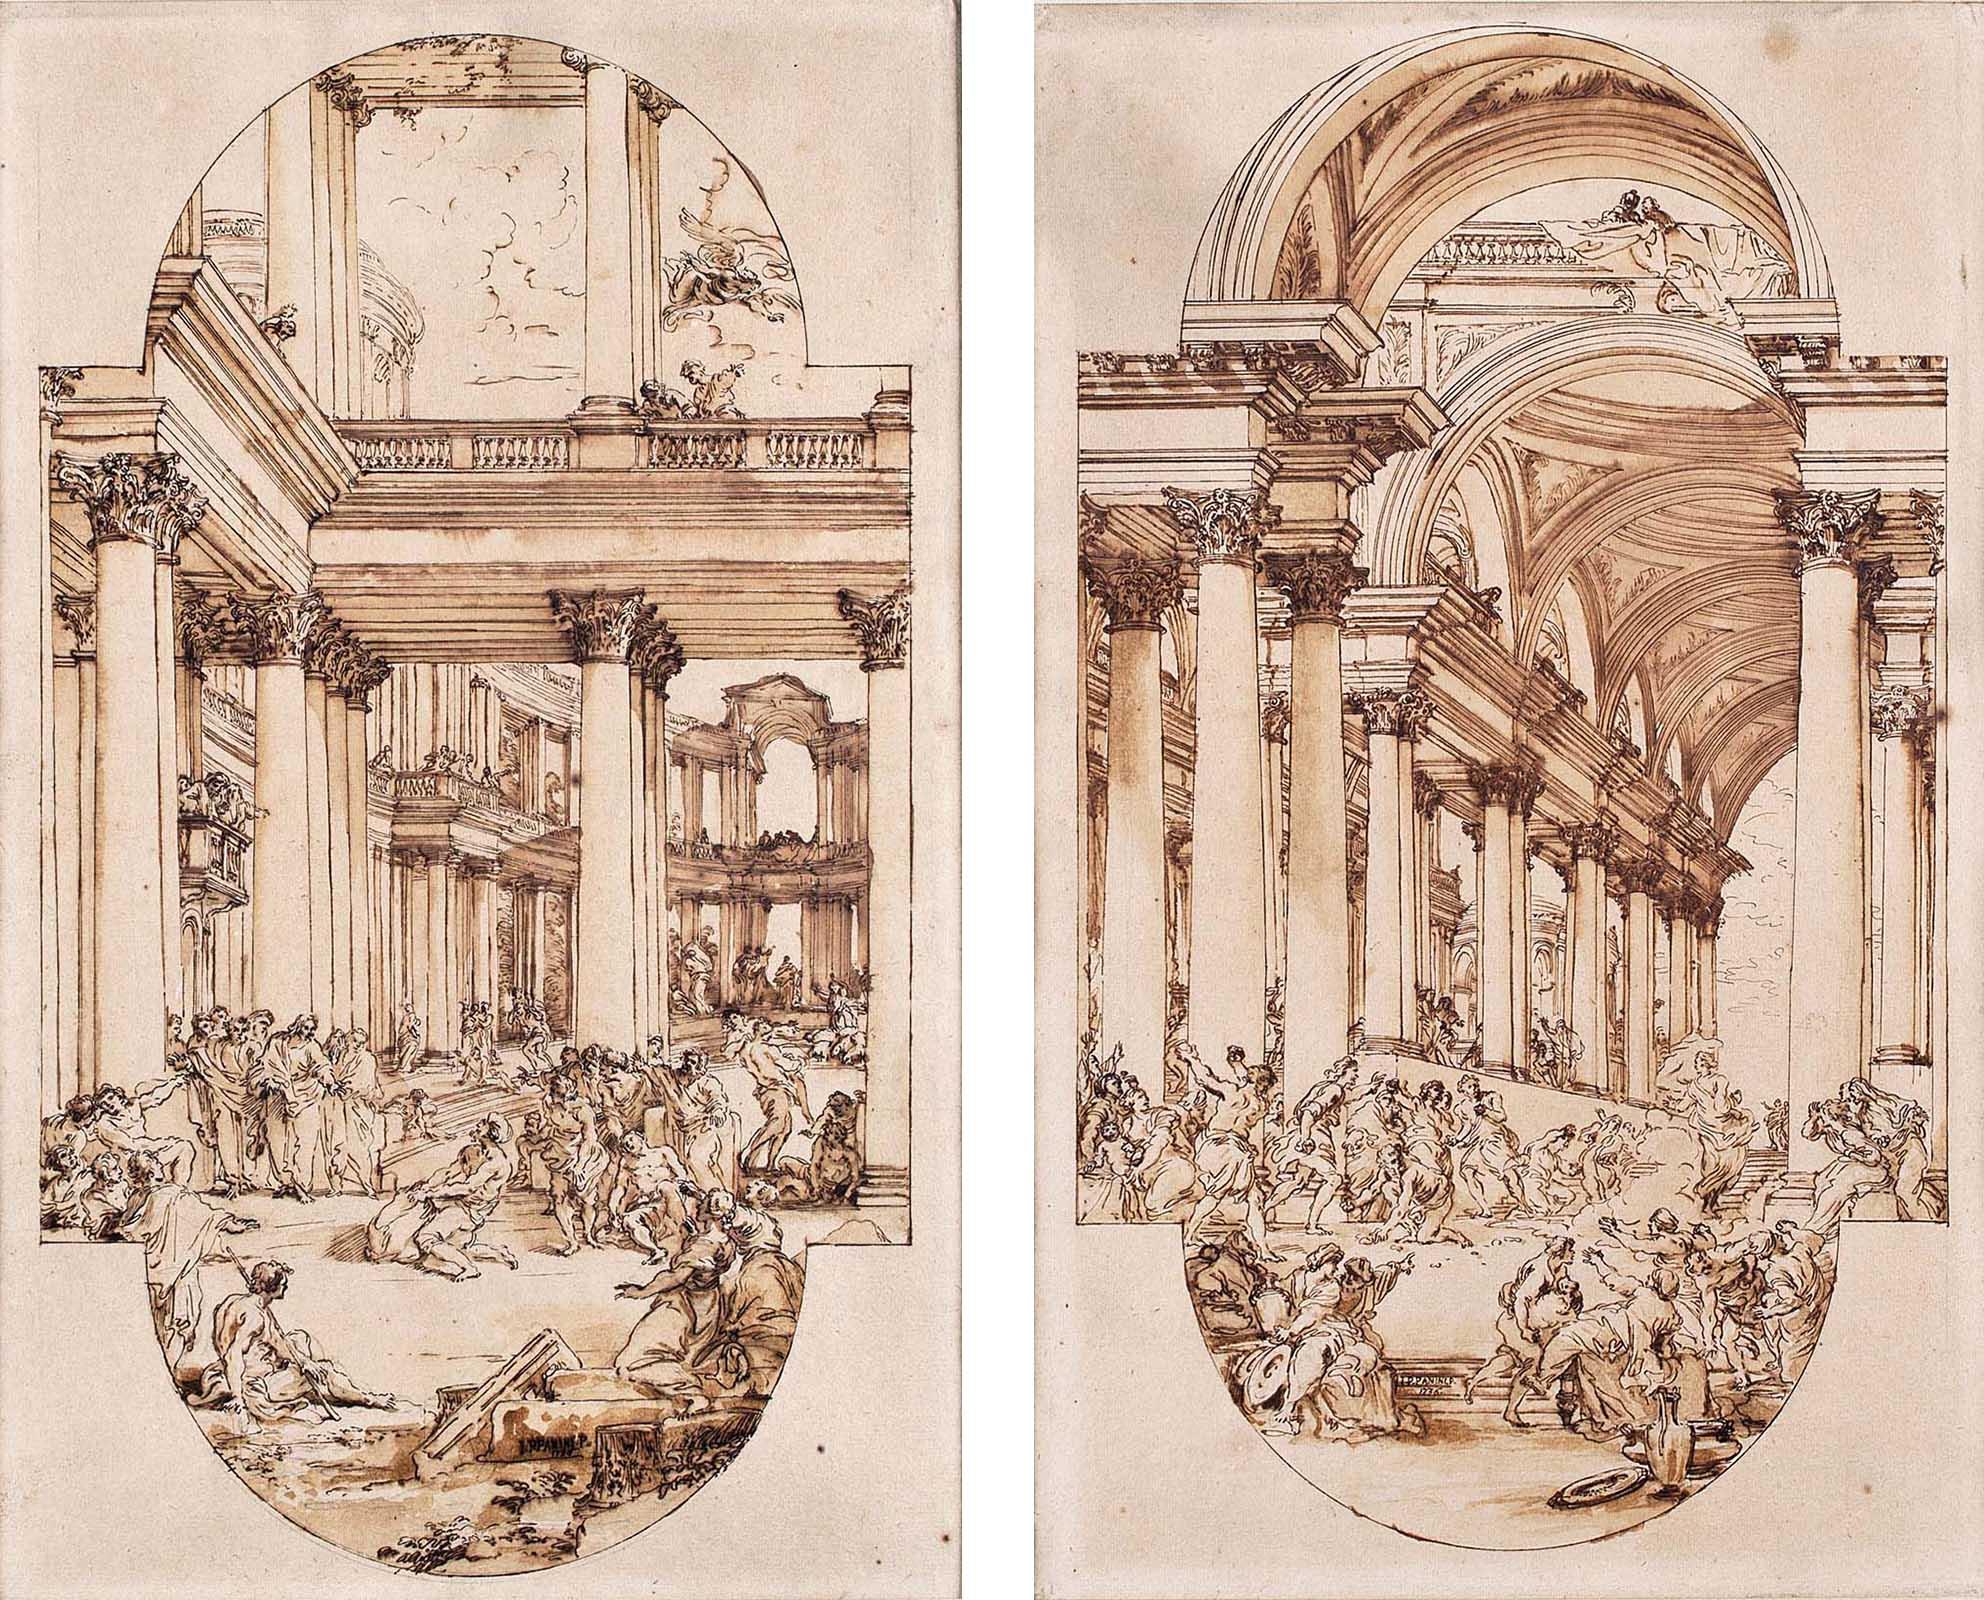 Giovanni Paolo Panini. La piscina Probática y Los judíos intentan apedrear a Jesús, 1736. Salida: 15.000 euros cada uno. Remates: 22.500 y 27.500 euros, respectivamente